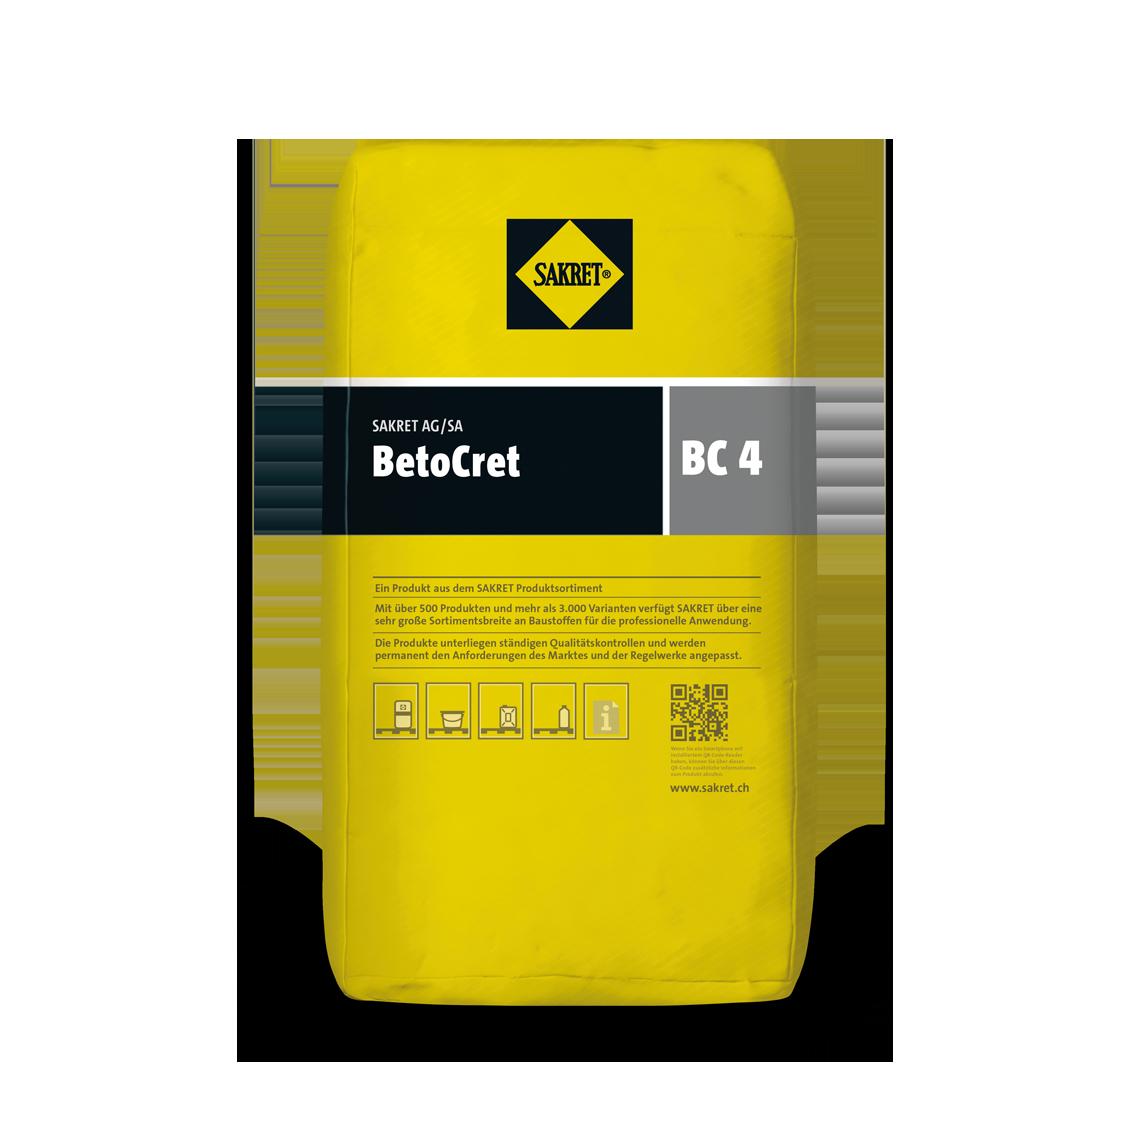 SAKRET Schweiz BetoCret BC4